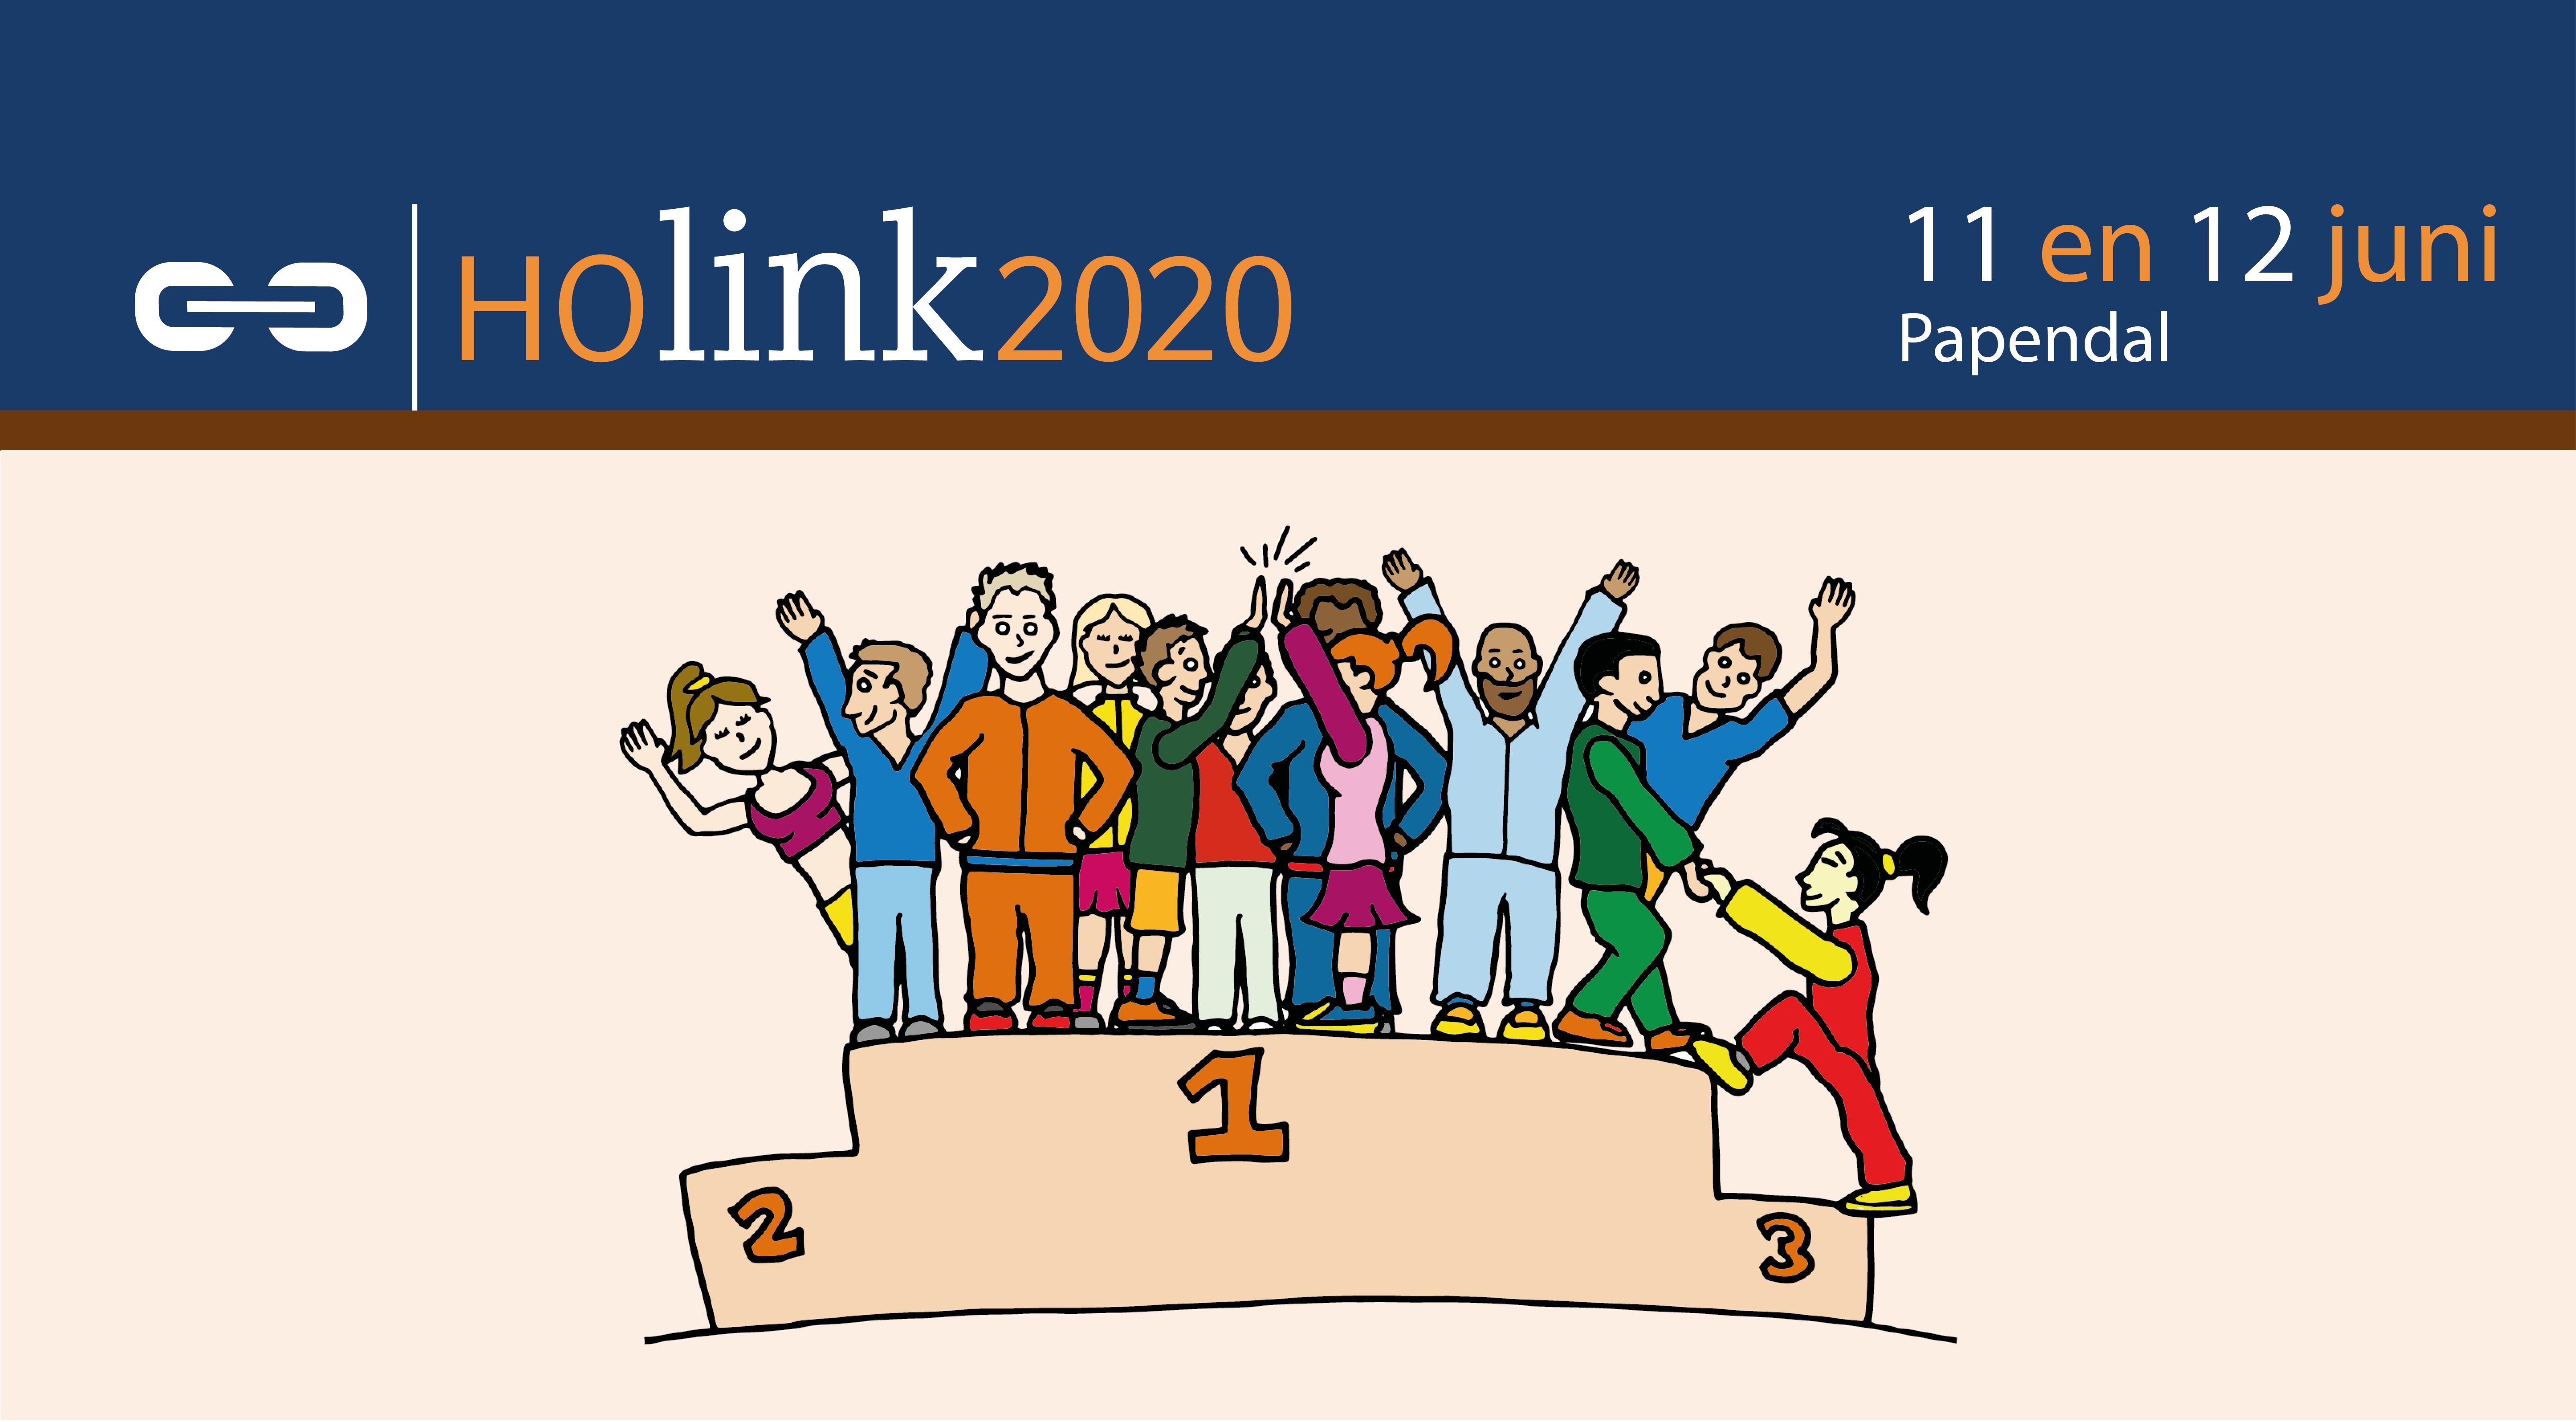 Holink-2020